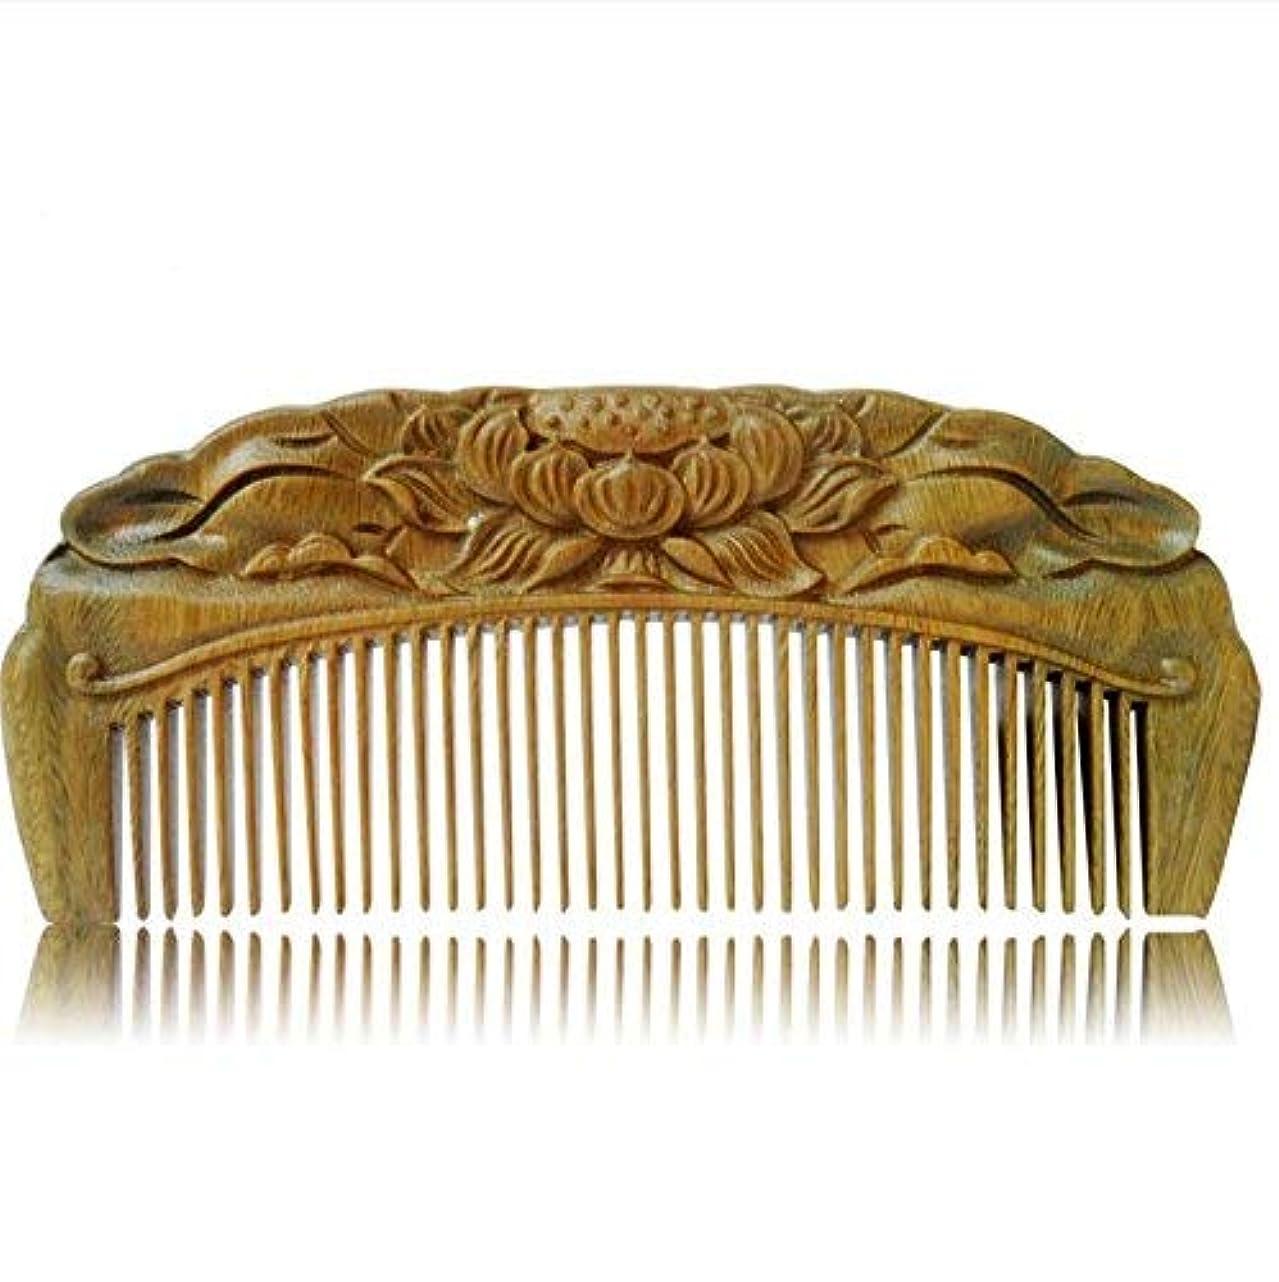 織機前任者根絶するHandmade Carved Natural Sandalwood Hair Comb - Anti-static Sandalwood Hair Comb Beard Brush Rake Comb Handmade...